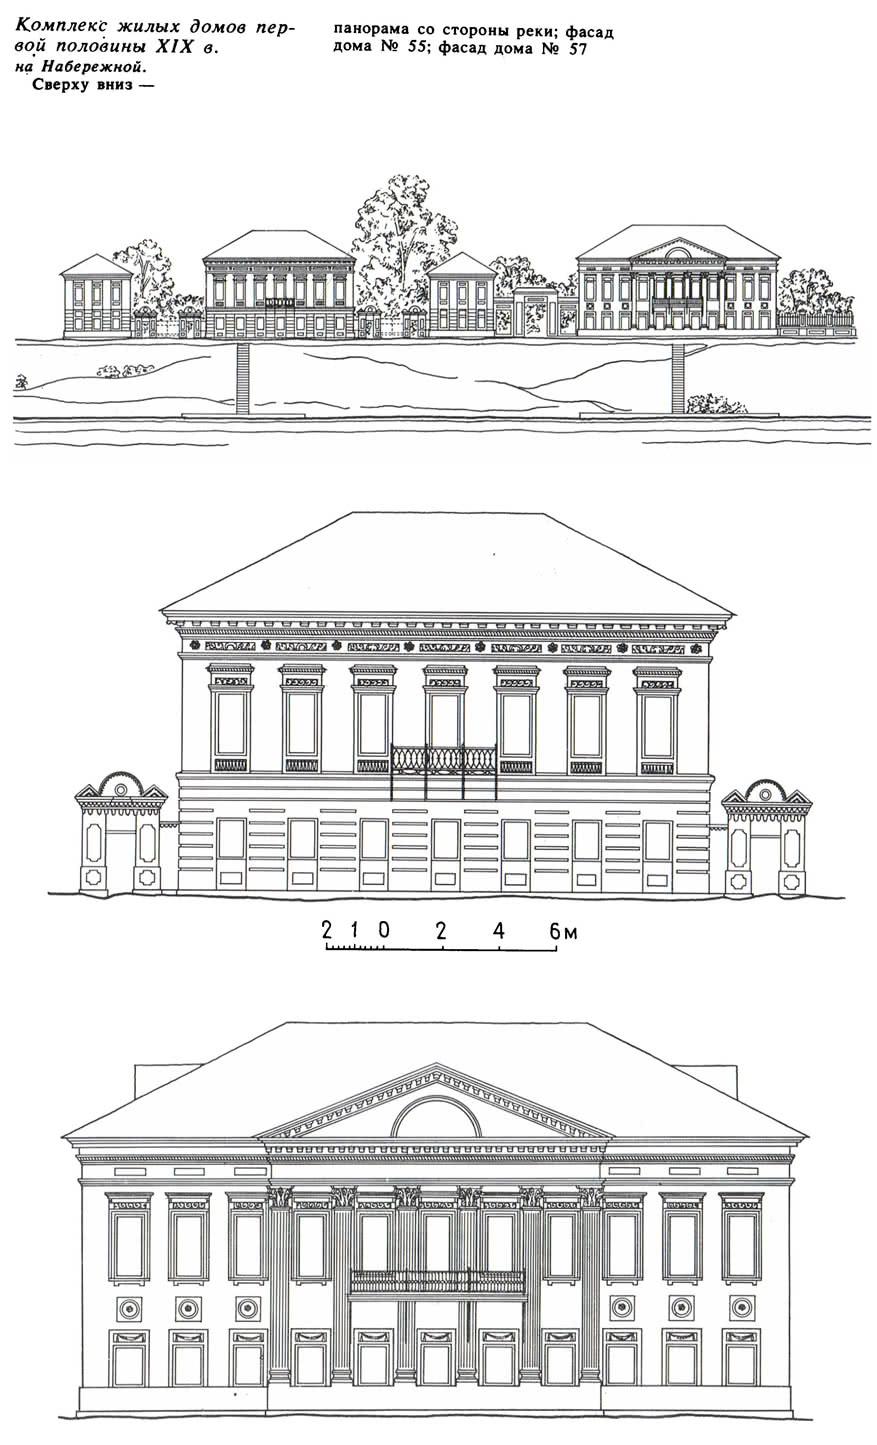 Комплекс жилых домов первой половины XIX в. на Набережной